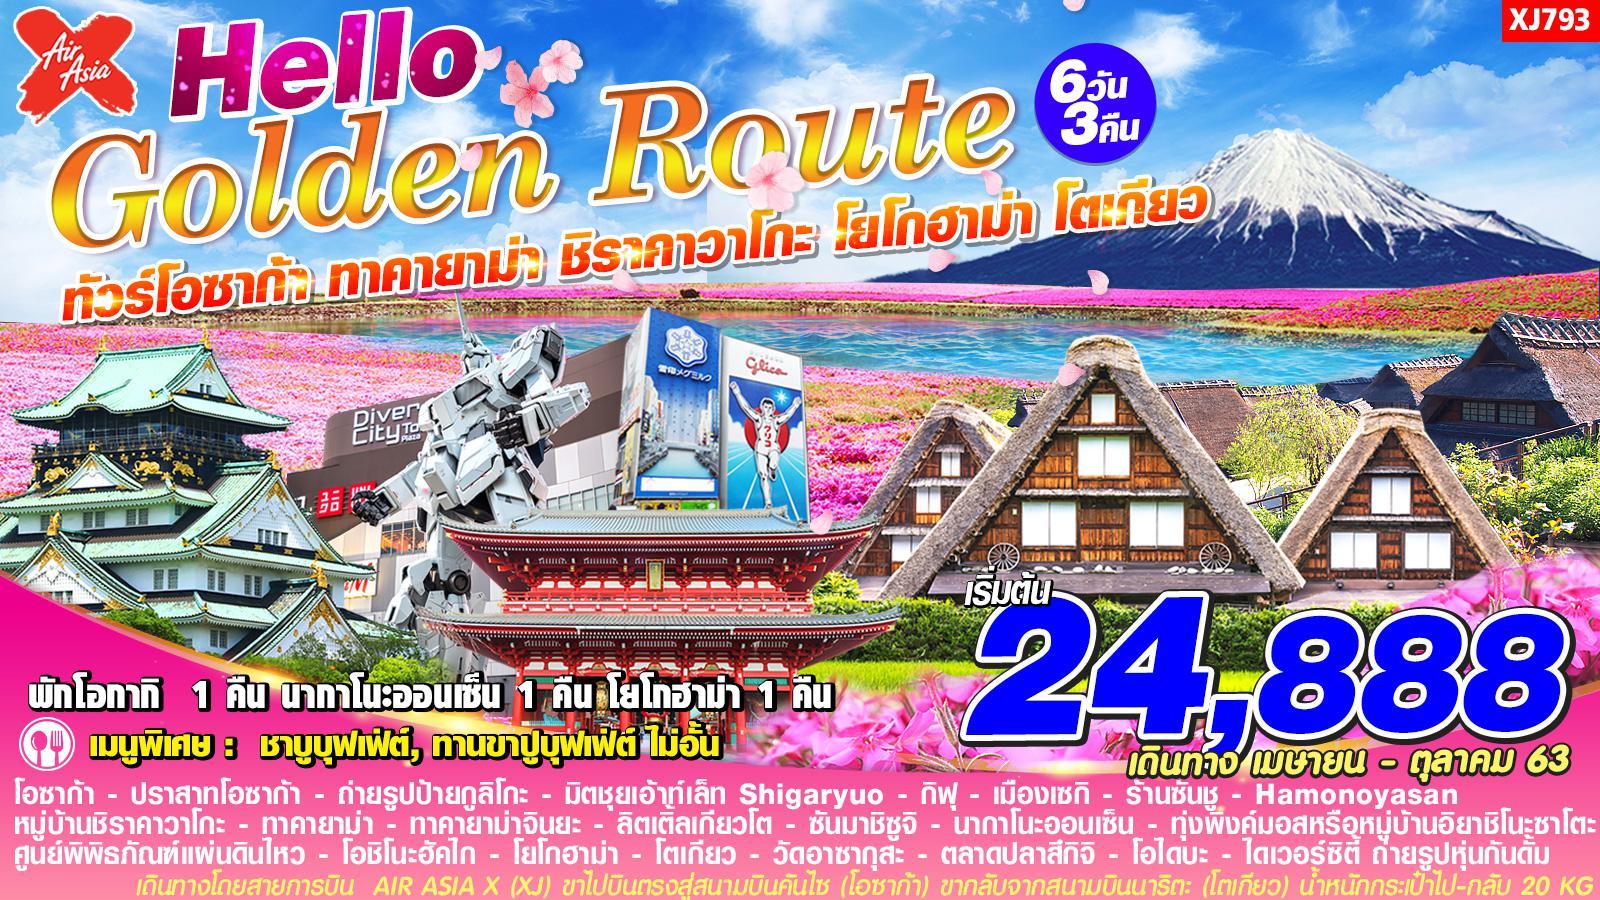 ทัวร์ญี่ปุ่น Hello Golden Route โอซาก้า โตเกียว 6D3N